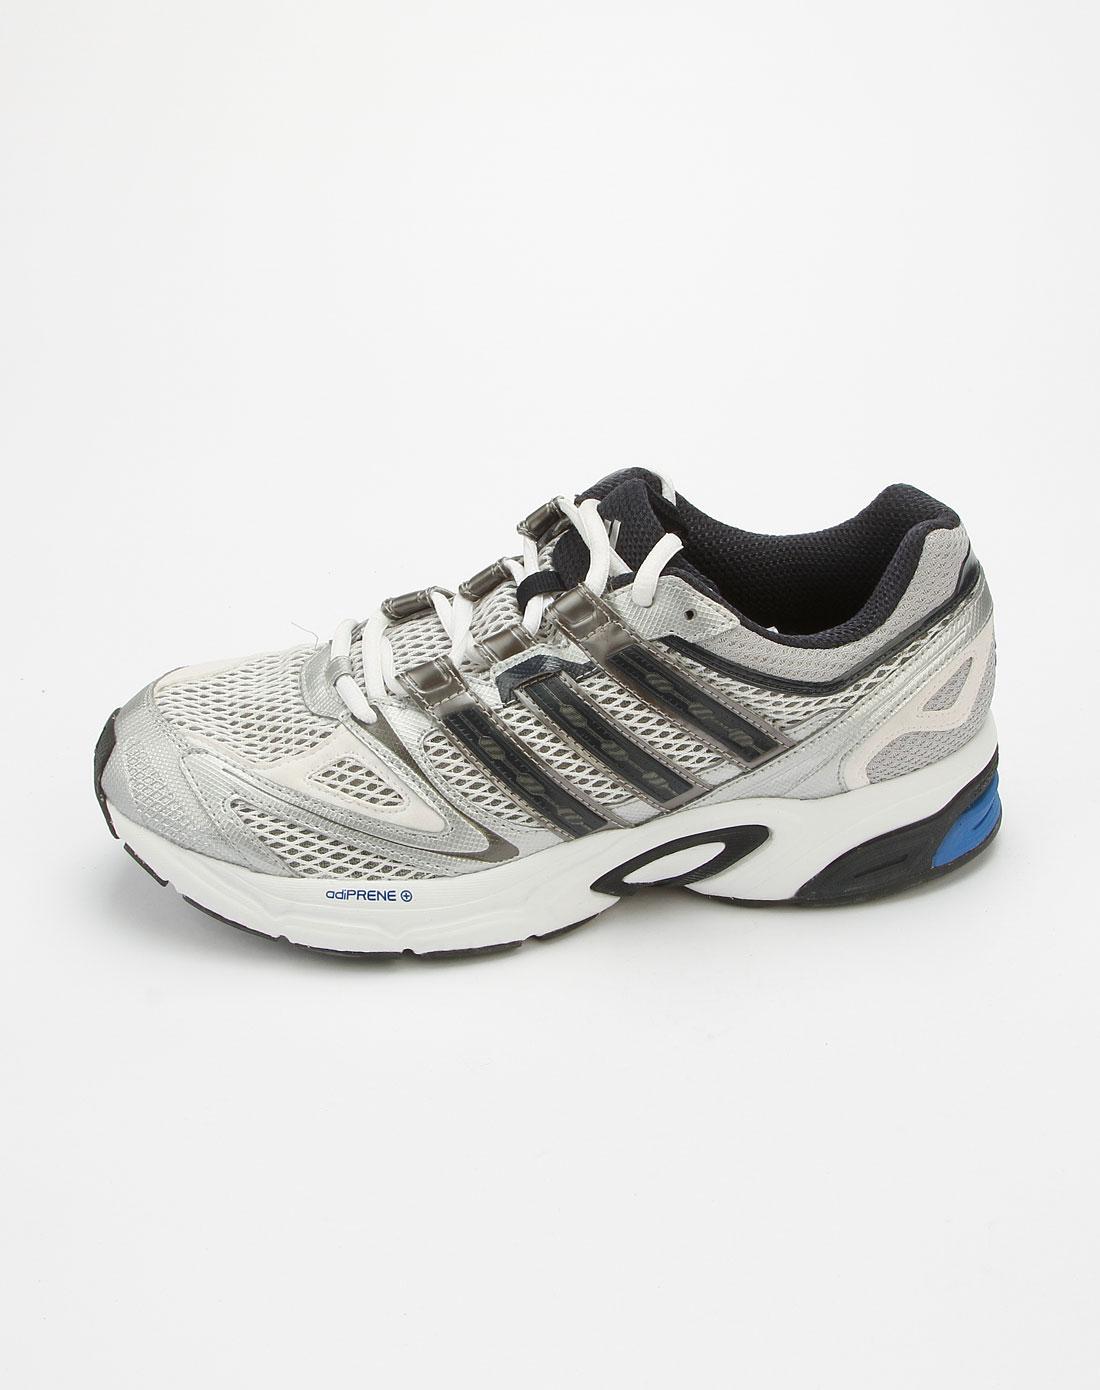 阿迪达斯adidas银灰色休闲网布运动鞋g43032